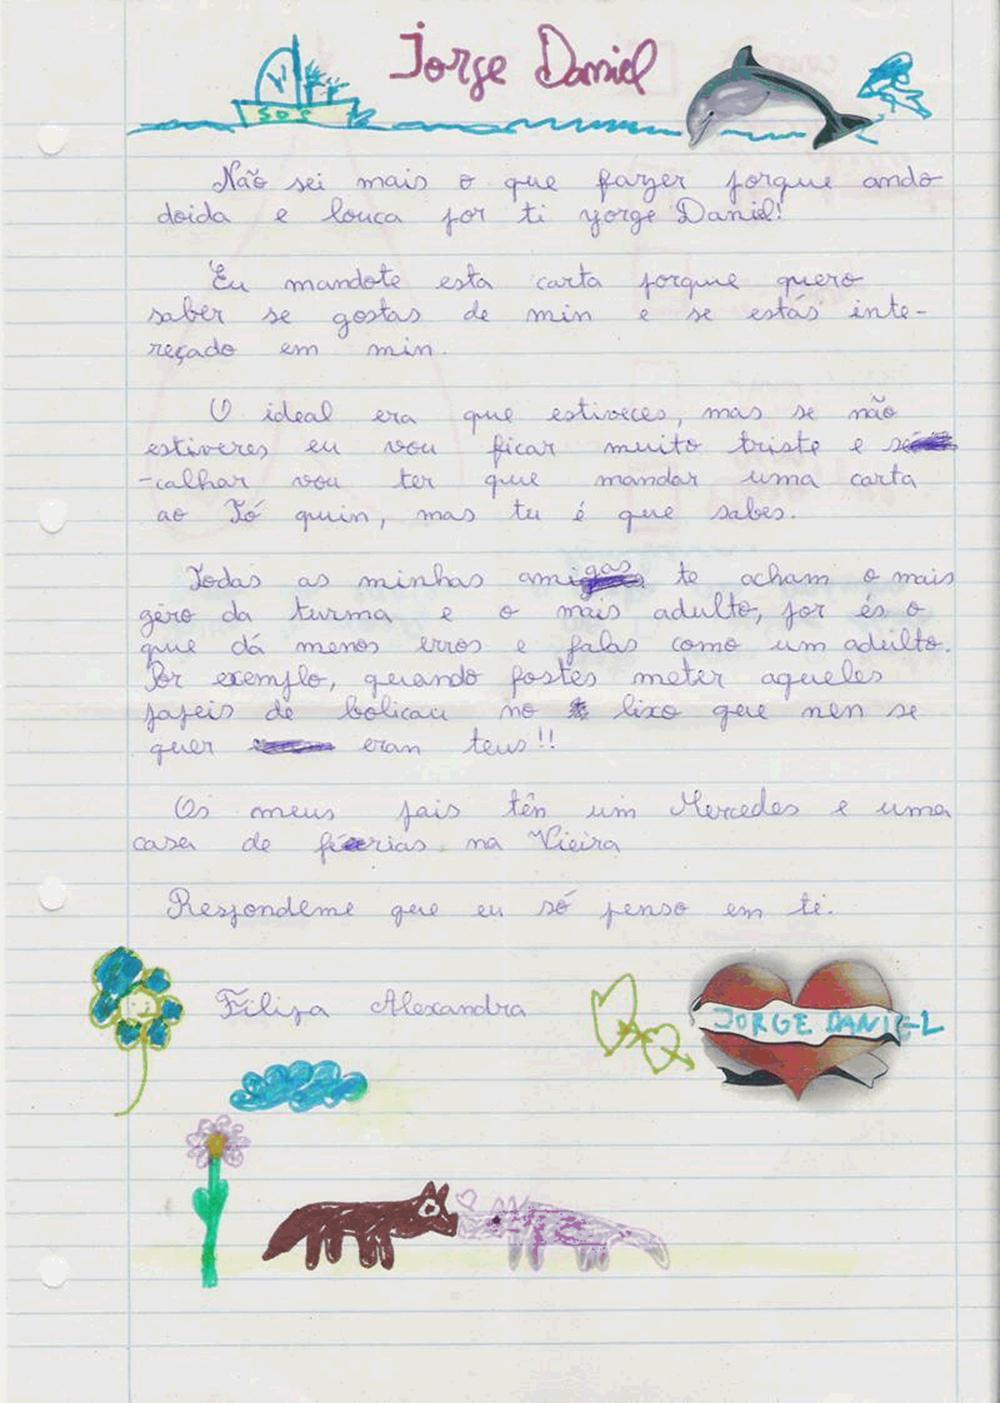 Imagenes de corazones para cartas de amor Imagenes de  - Cartas De Amor Con Imagenes